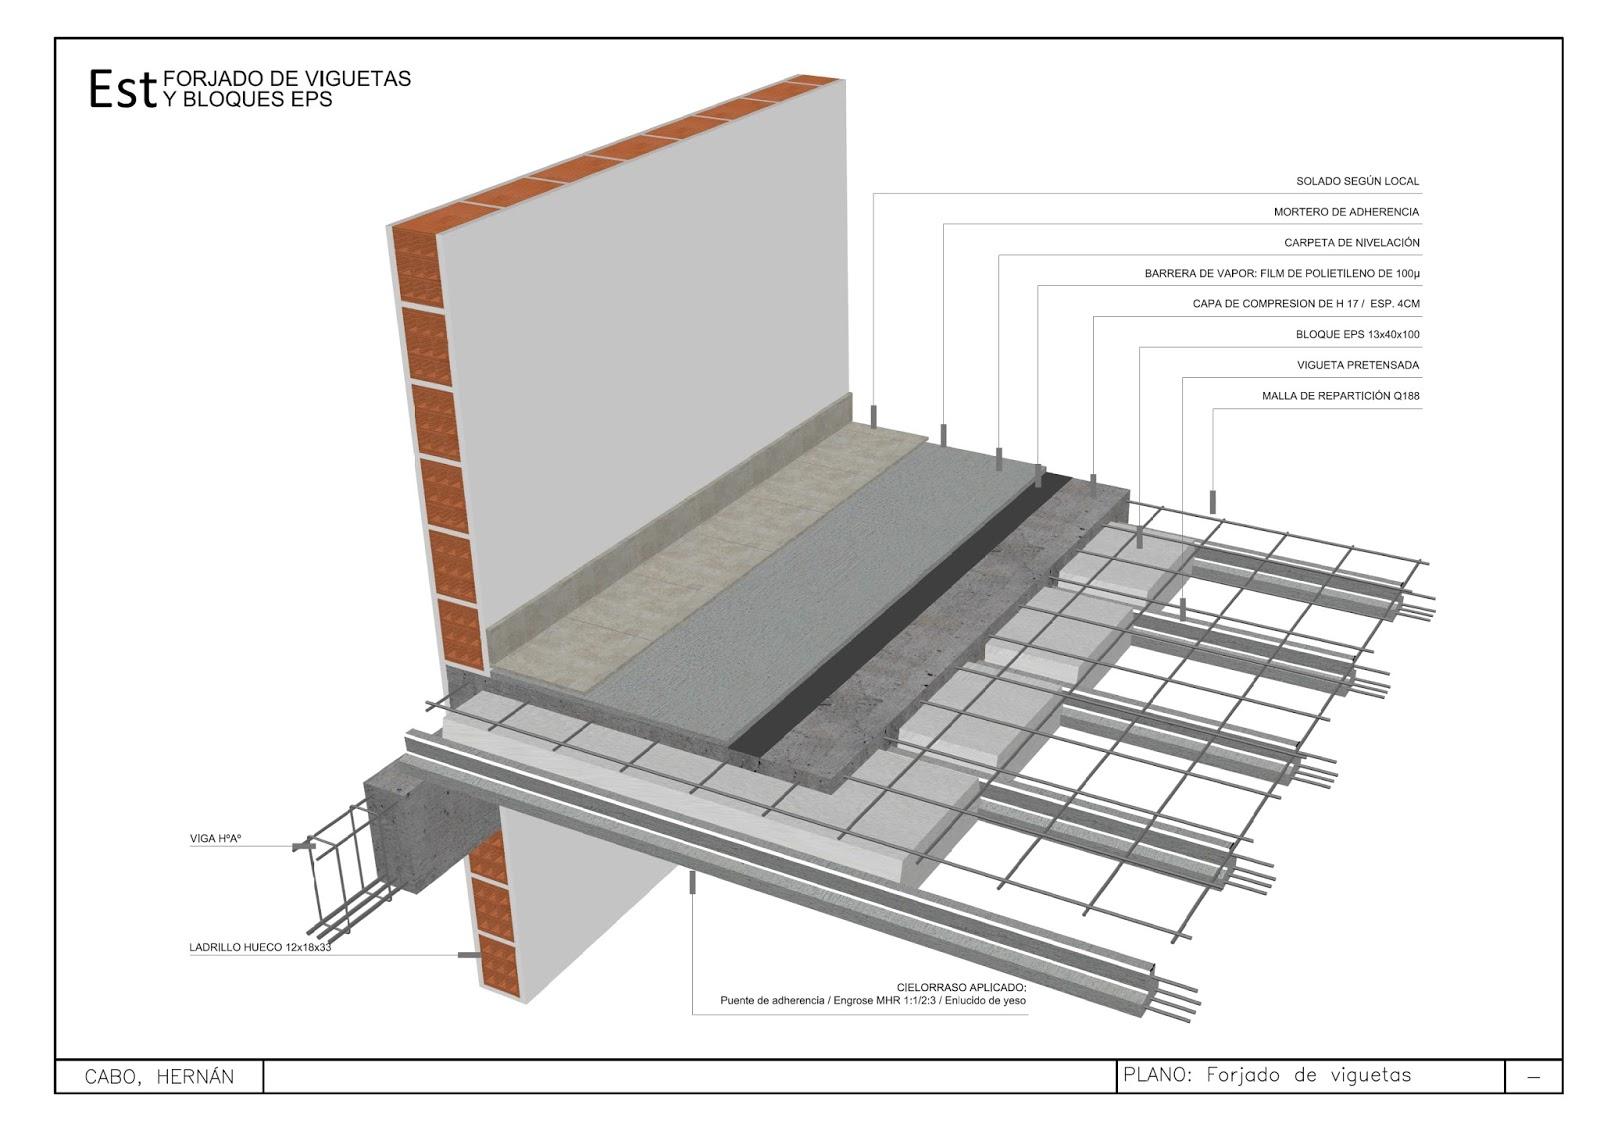 Detalles constructivos cad 3d forjado de viguetas y - Escalera metalica prefabricada ...